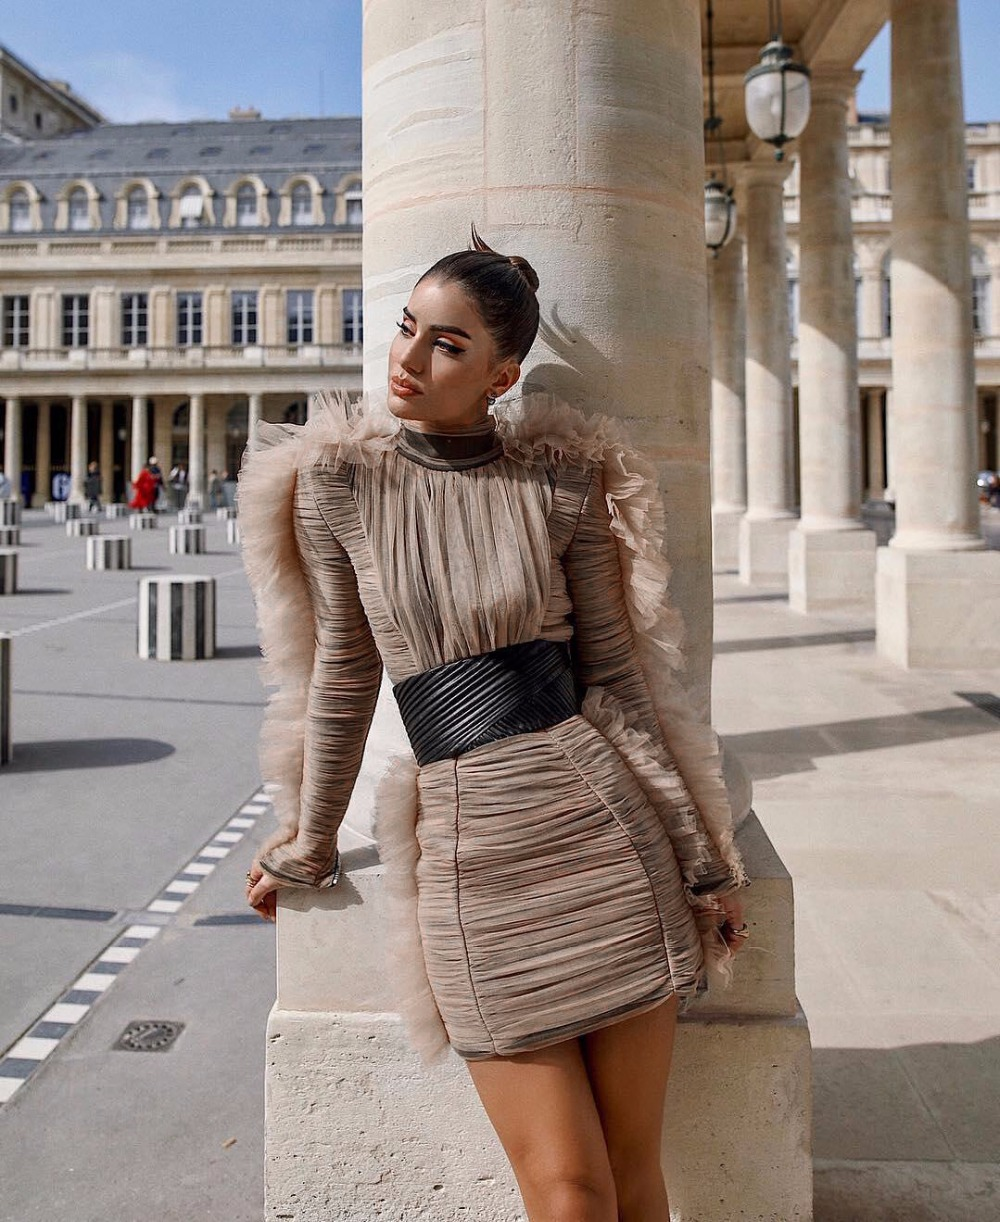 Longues Célébrité Manches Moulante Robes 2018 Bandage O Volants Cou Nouveau Robe De Femmes Nu Soirée Cascade Ceintures En Maille Noir wttUpISqgO